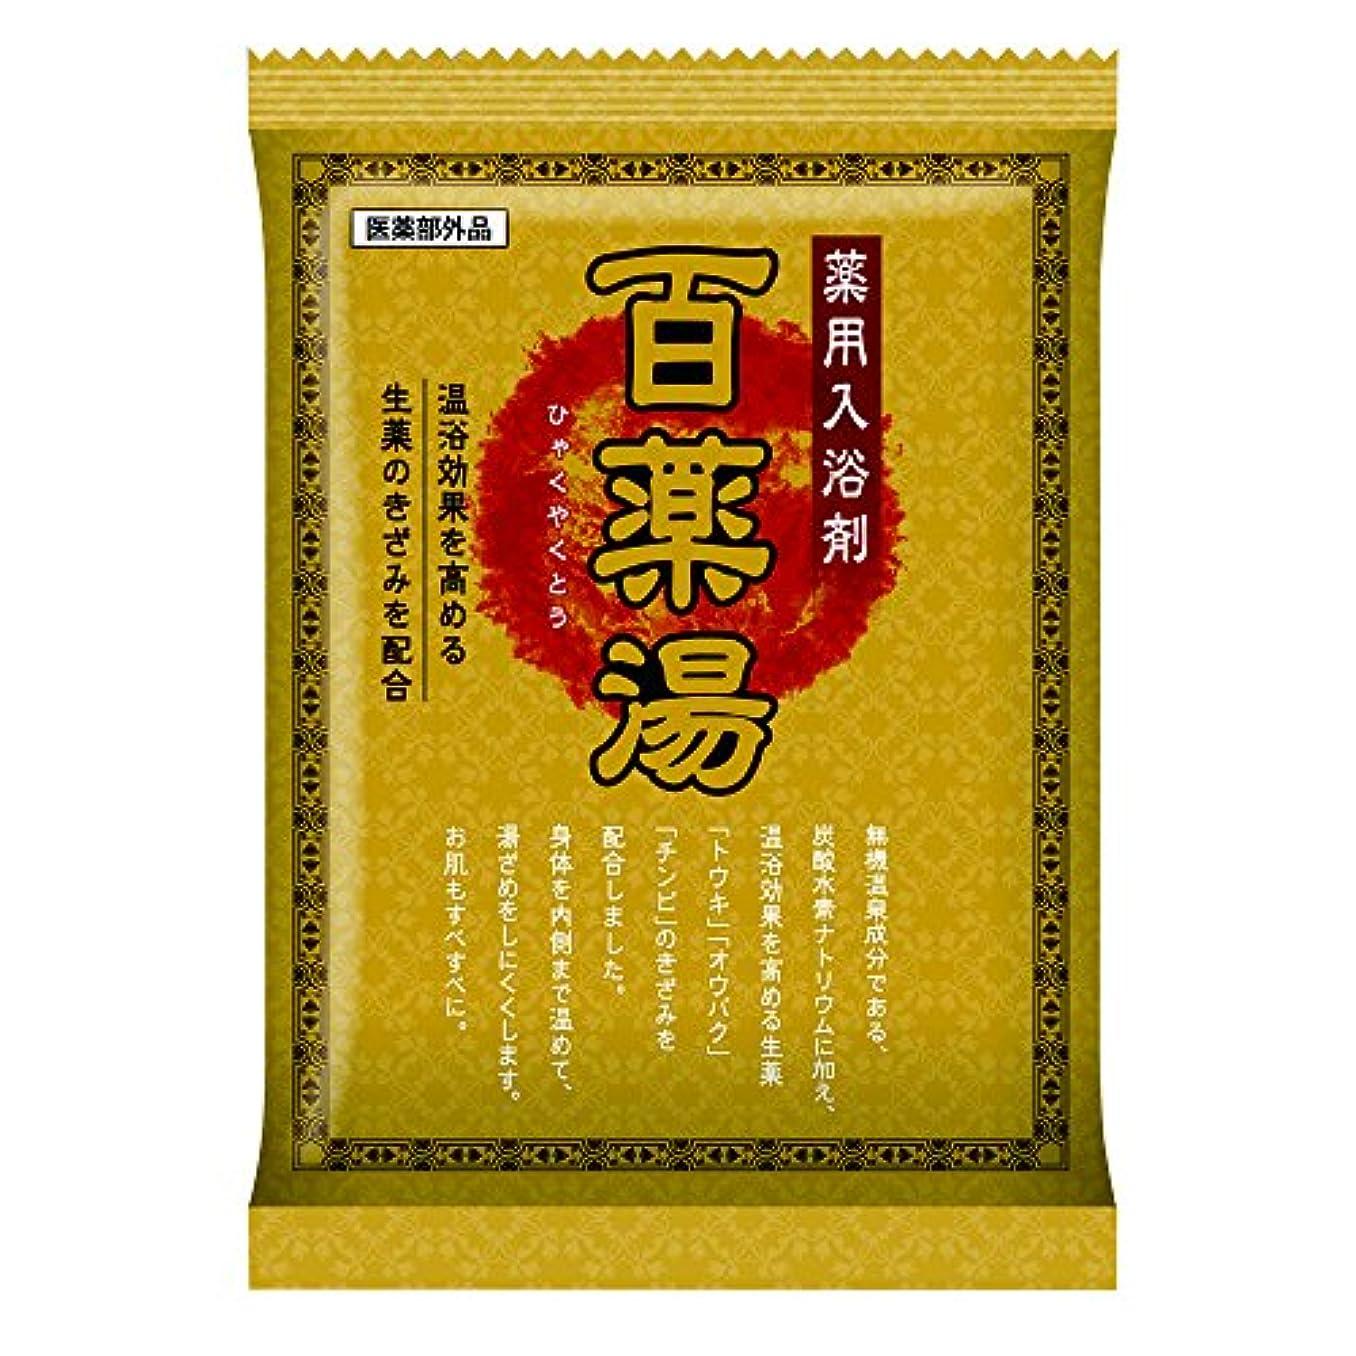 領域玉ねぎ怒る百薬湯 薬用入浴剤 生薬配合 30g×1包 (医薬部外品)